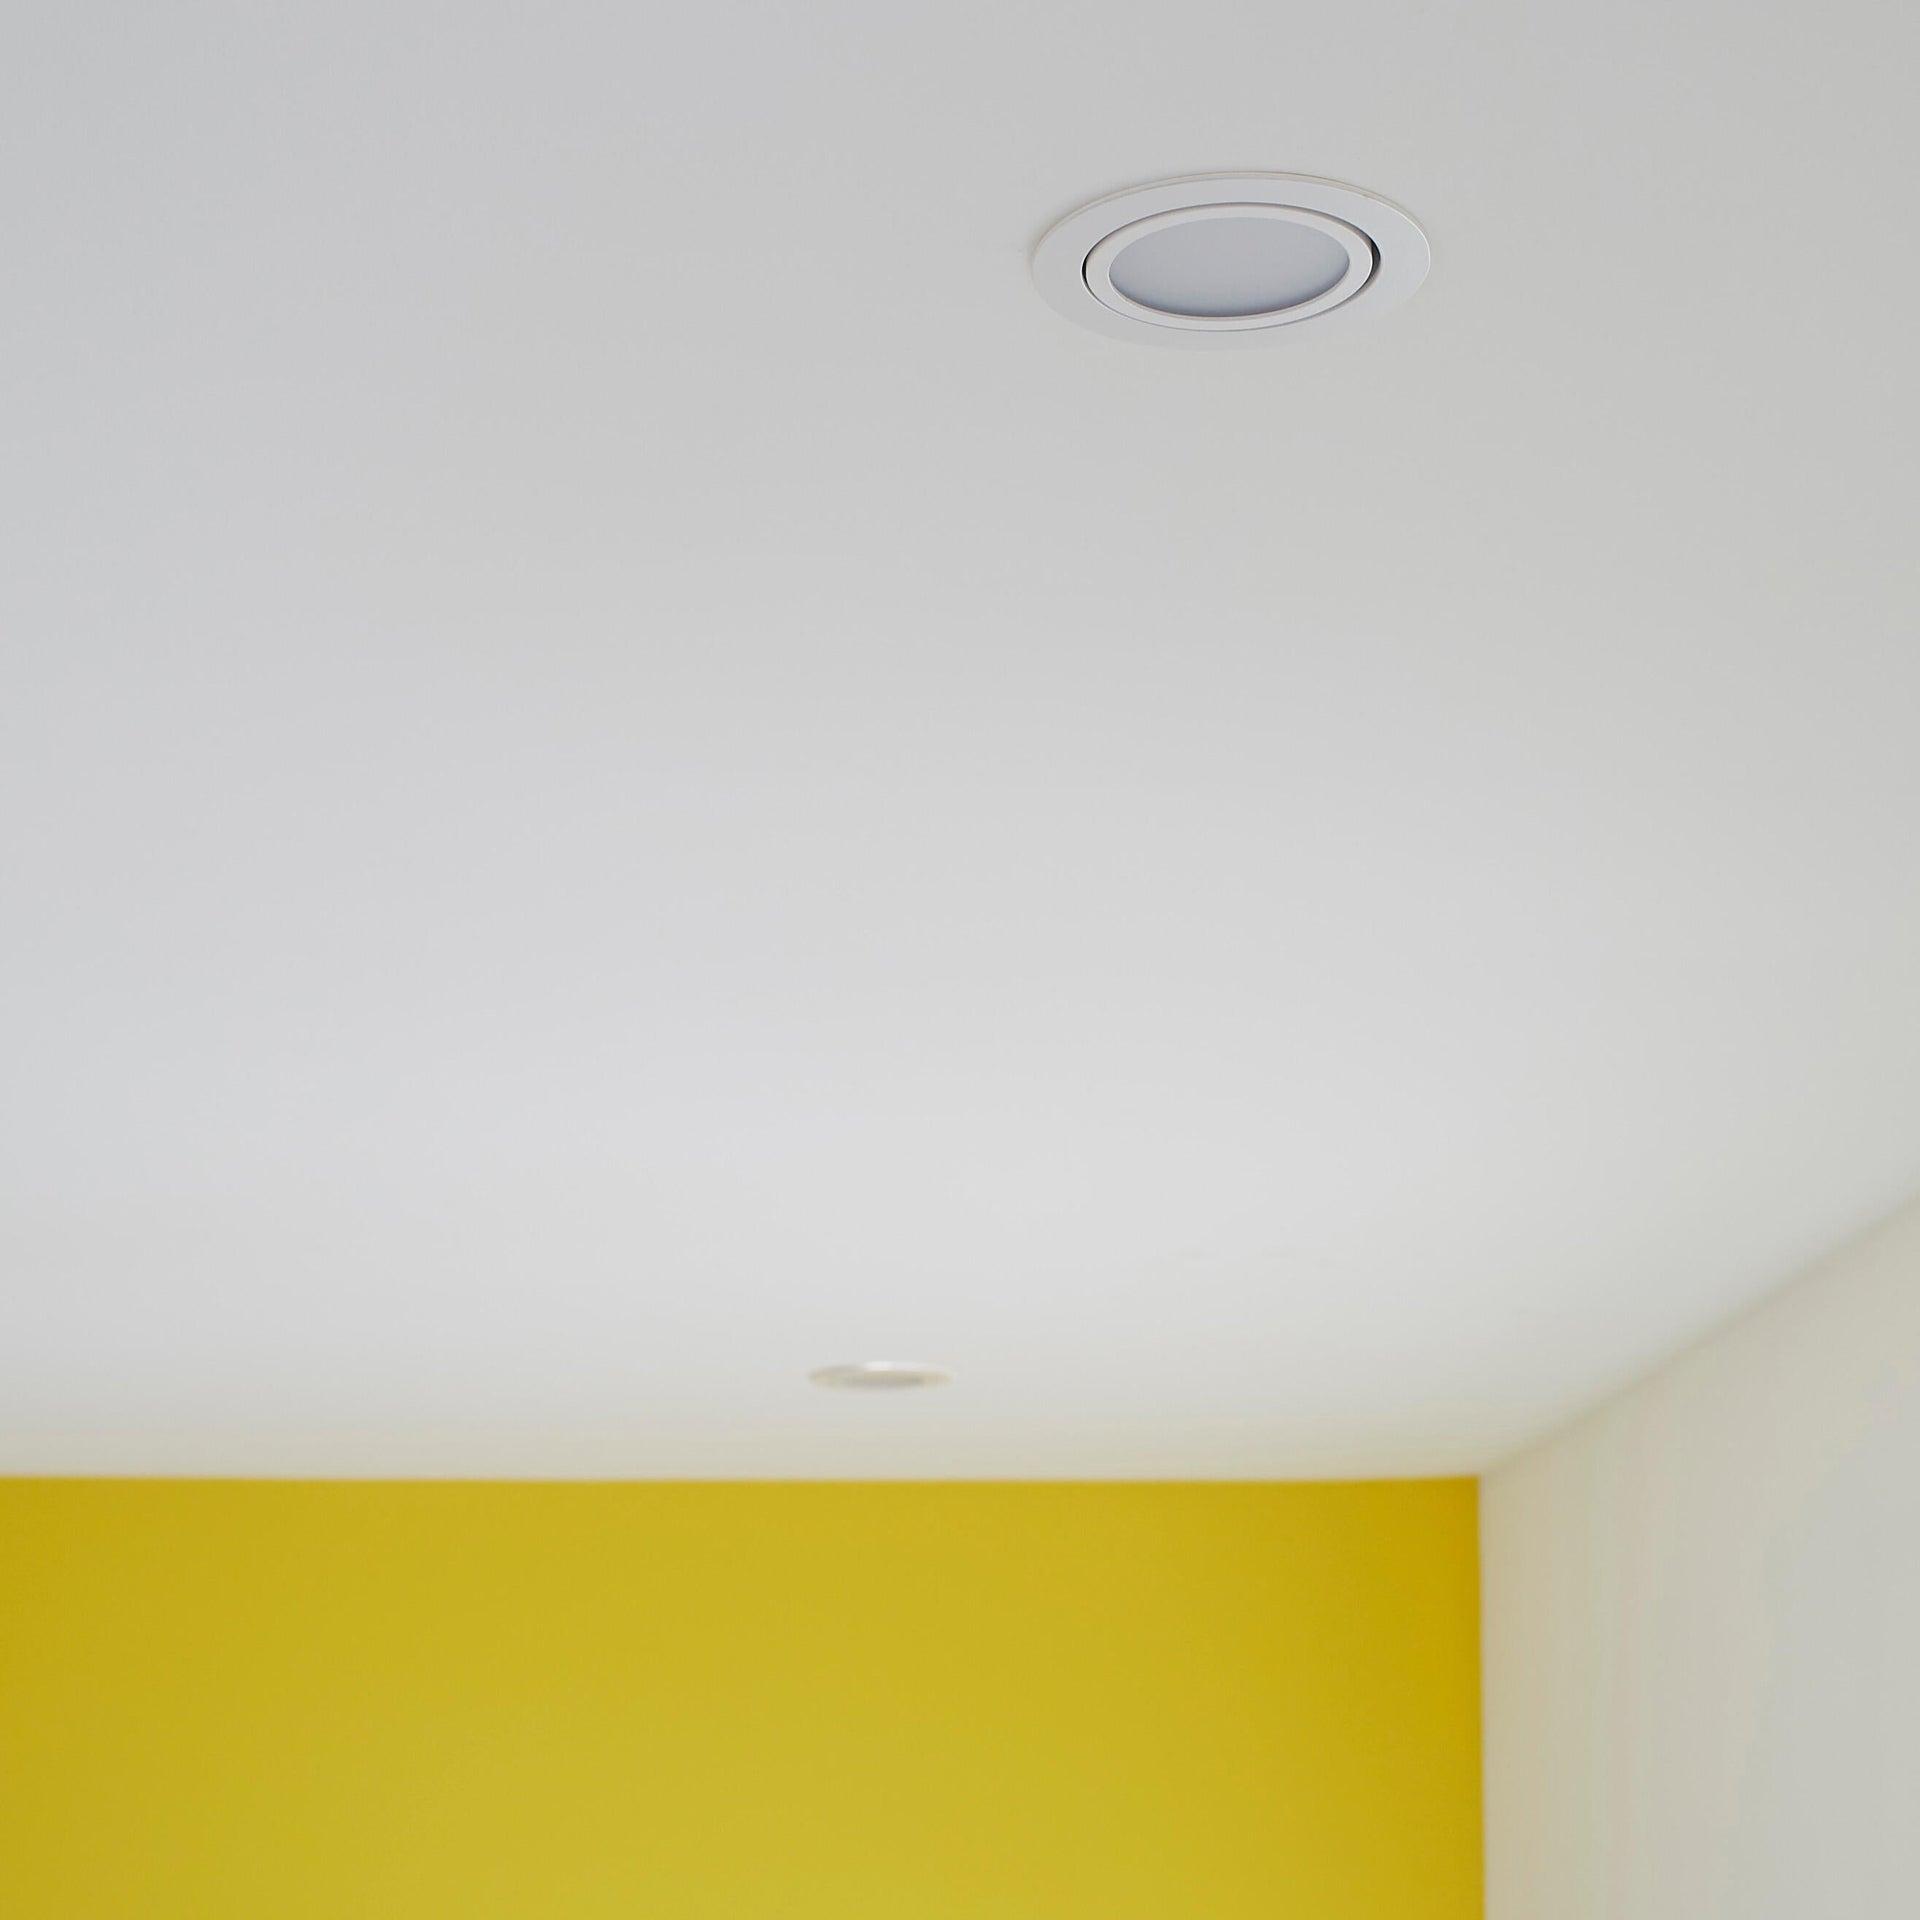 Faretto orientabile da incasso tondo Lindi in Alluminio bianco, diam. 9 cm LED integrato 500LM IP65 INSPIRE - 7